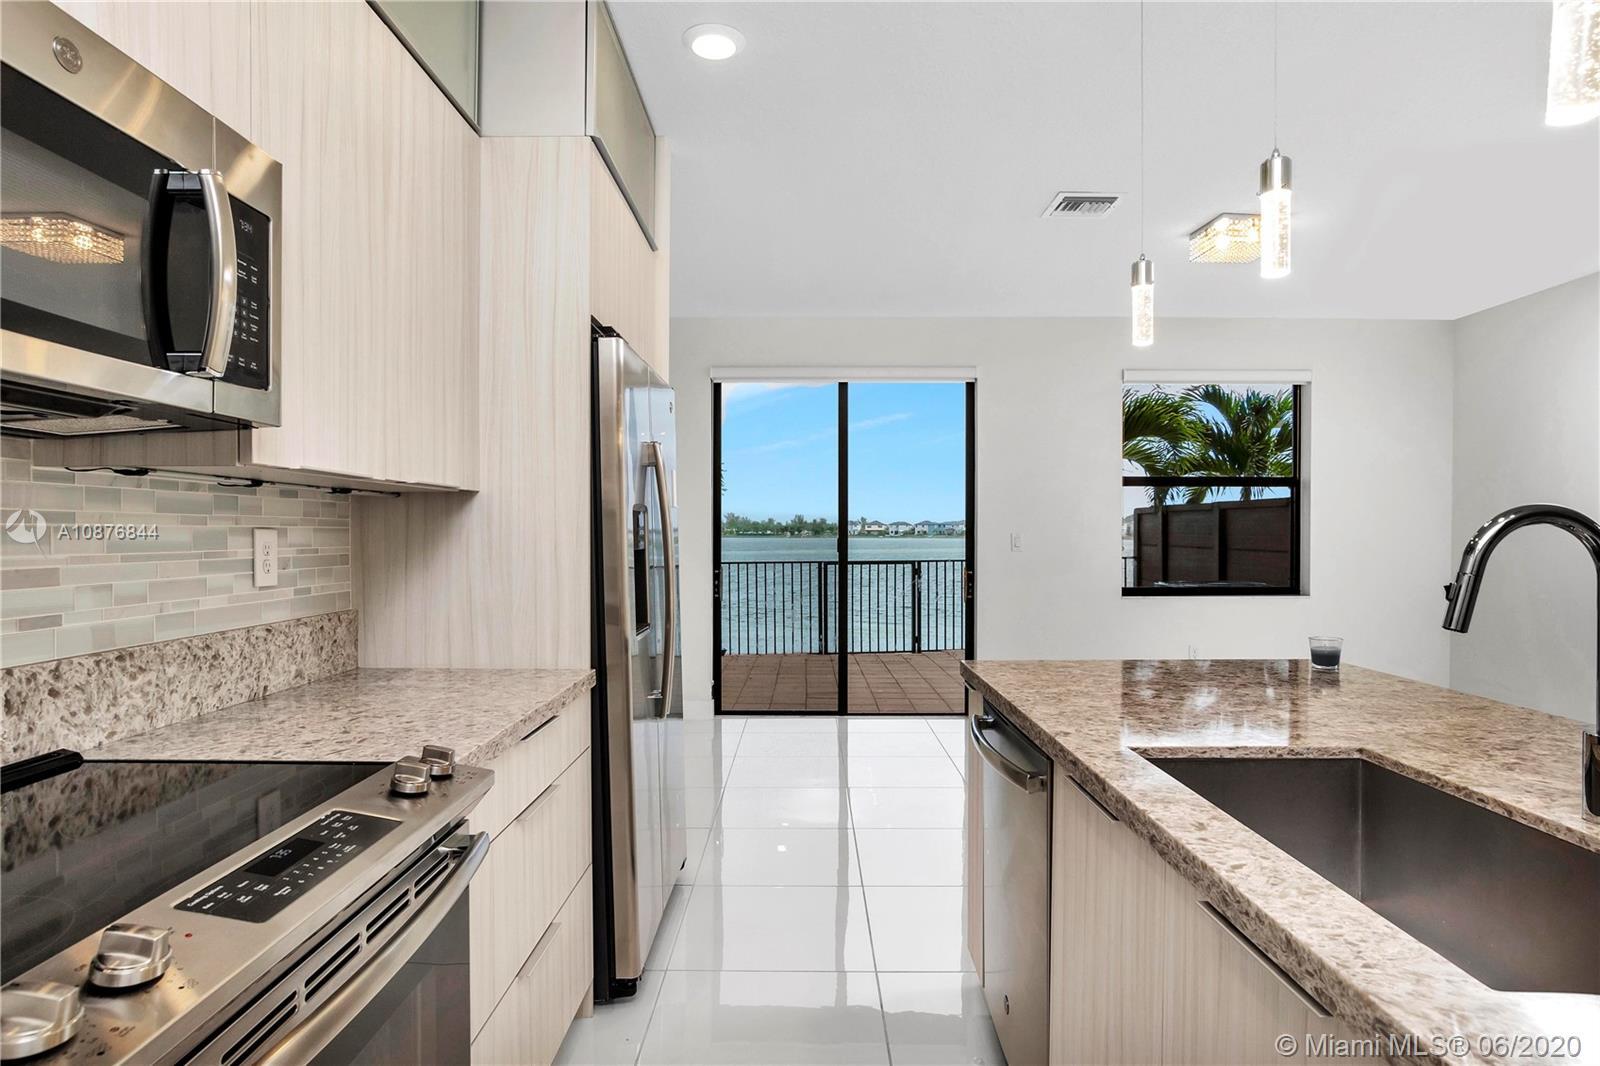 Miami Lakes #15839 - 04 - photo